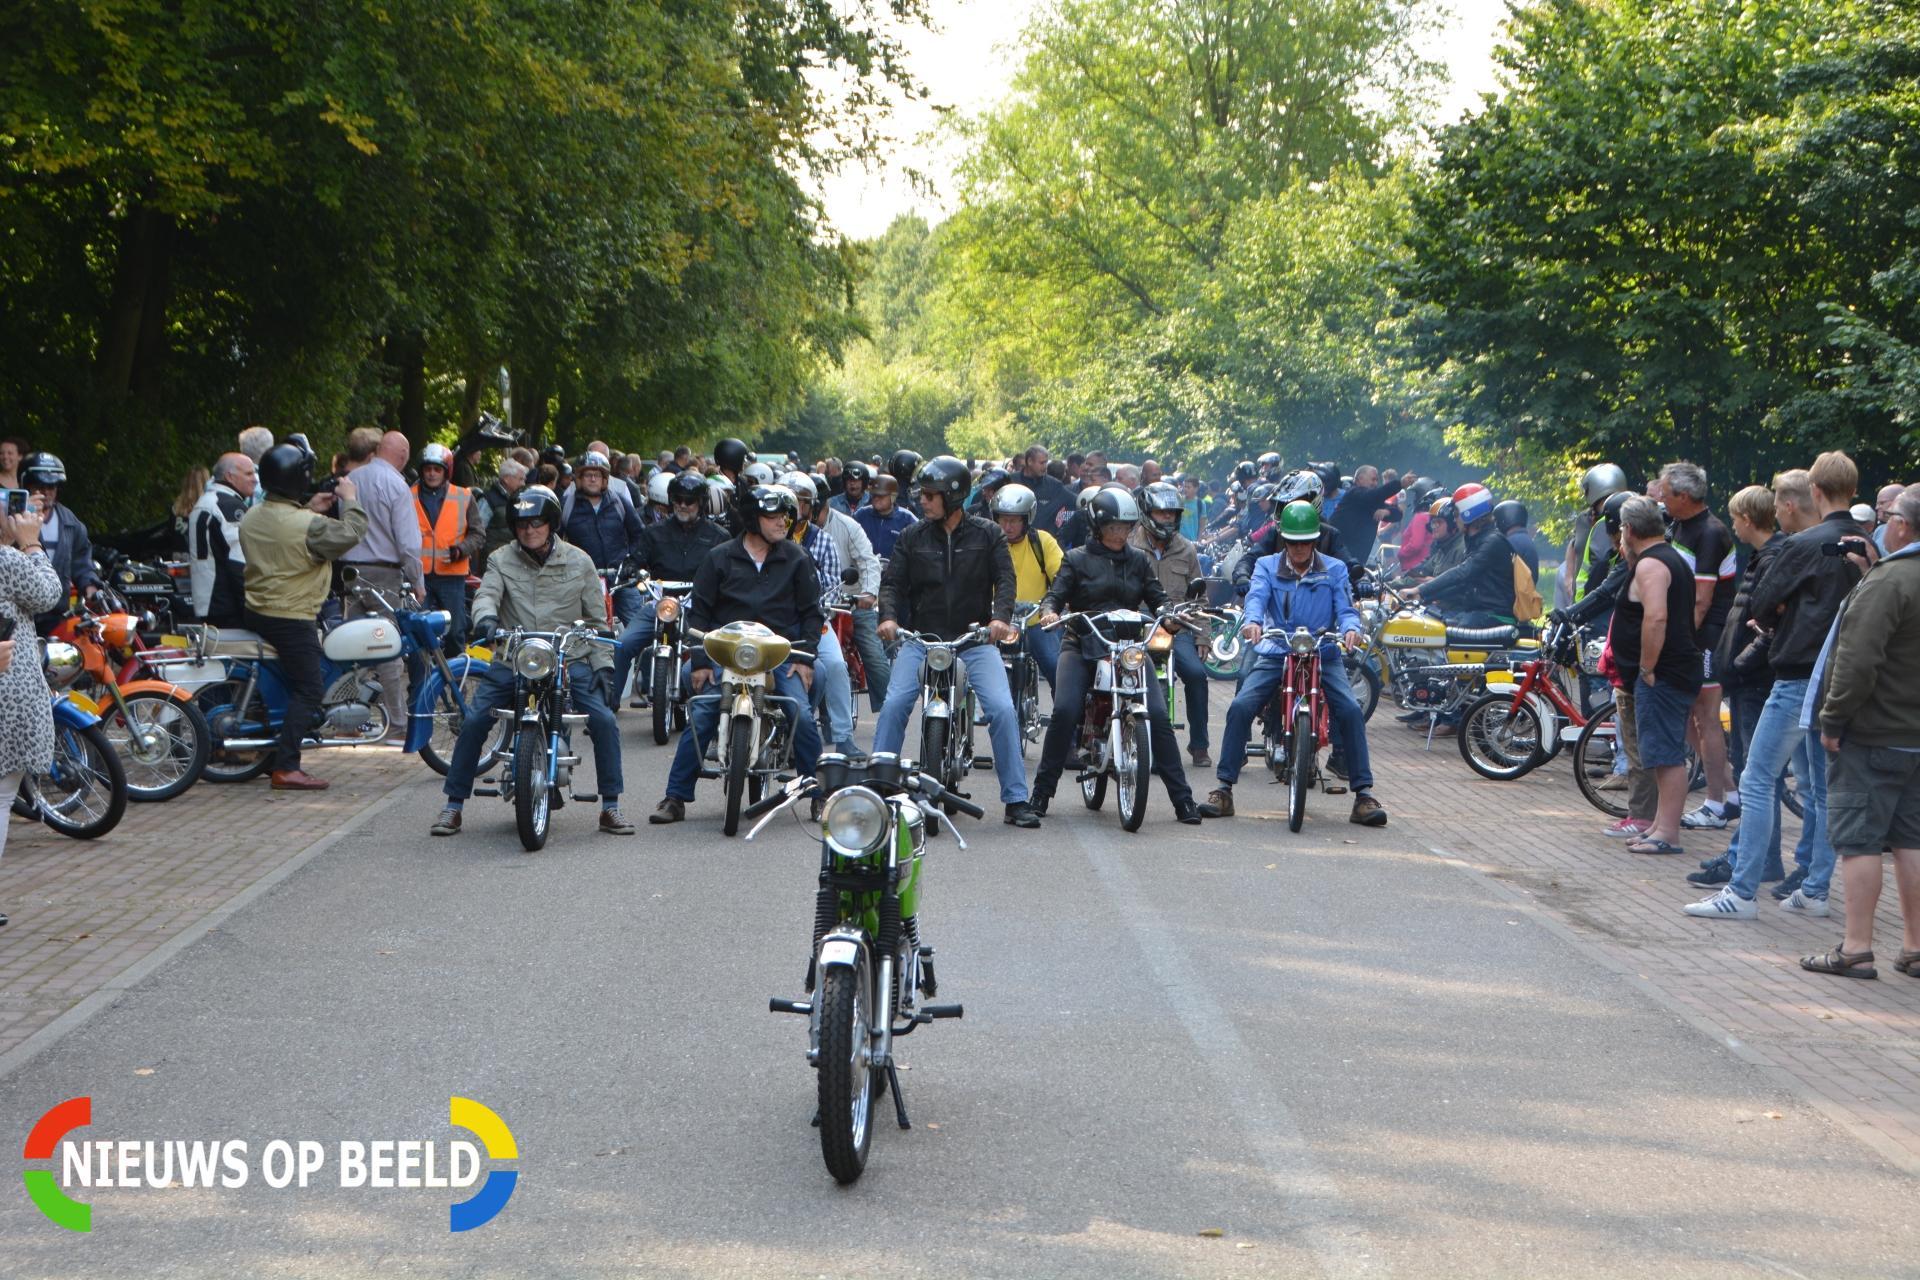 Bleiswijkse bromfiets oldtimerrit voor de 14e keer georganiseerd Kooilaan Bleiswijk